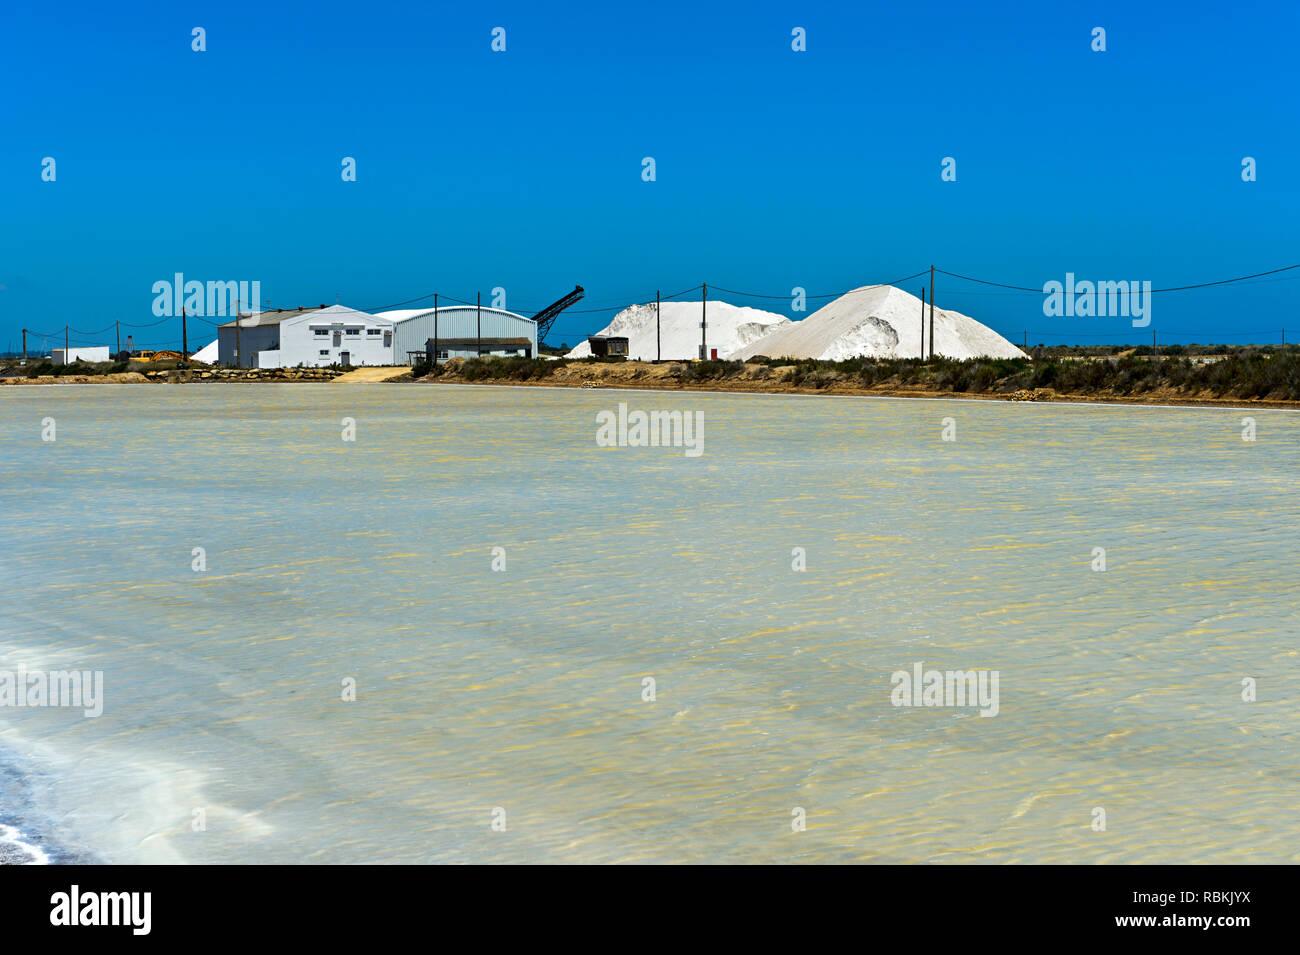 La production de sel de mer, le sel des étangs d'évaporation, Sopursal saline, Santa Luzia, Algarve, Portugal Photo Stock